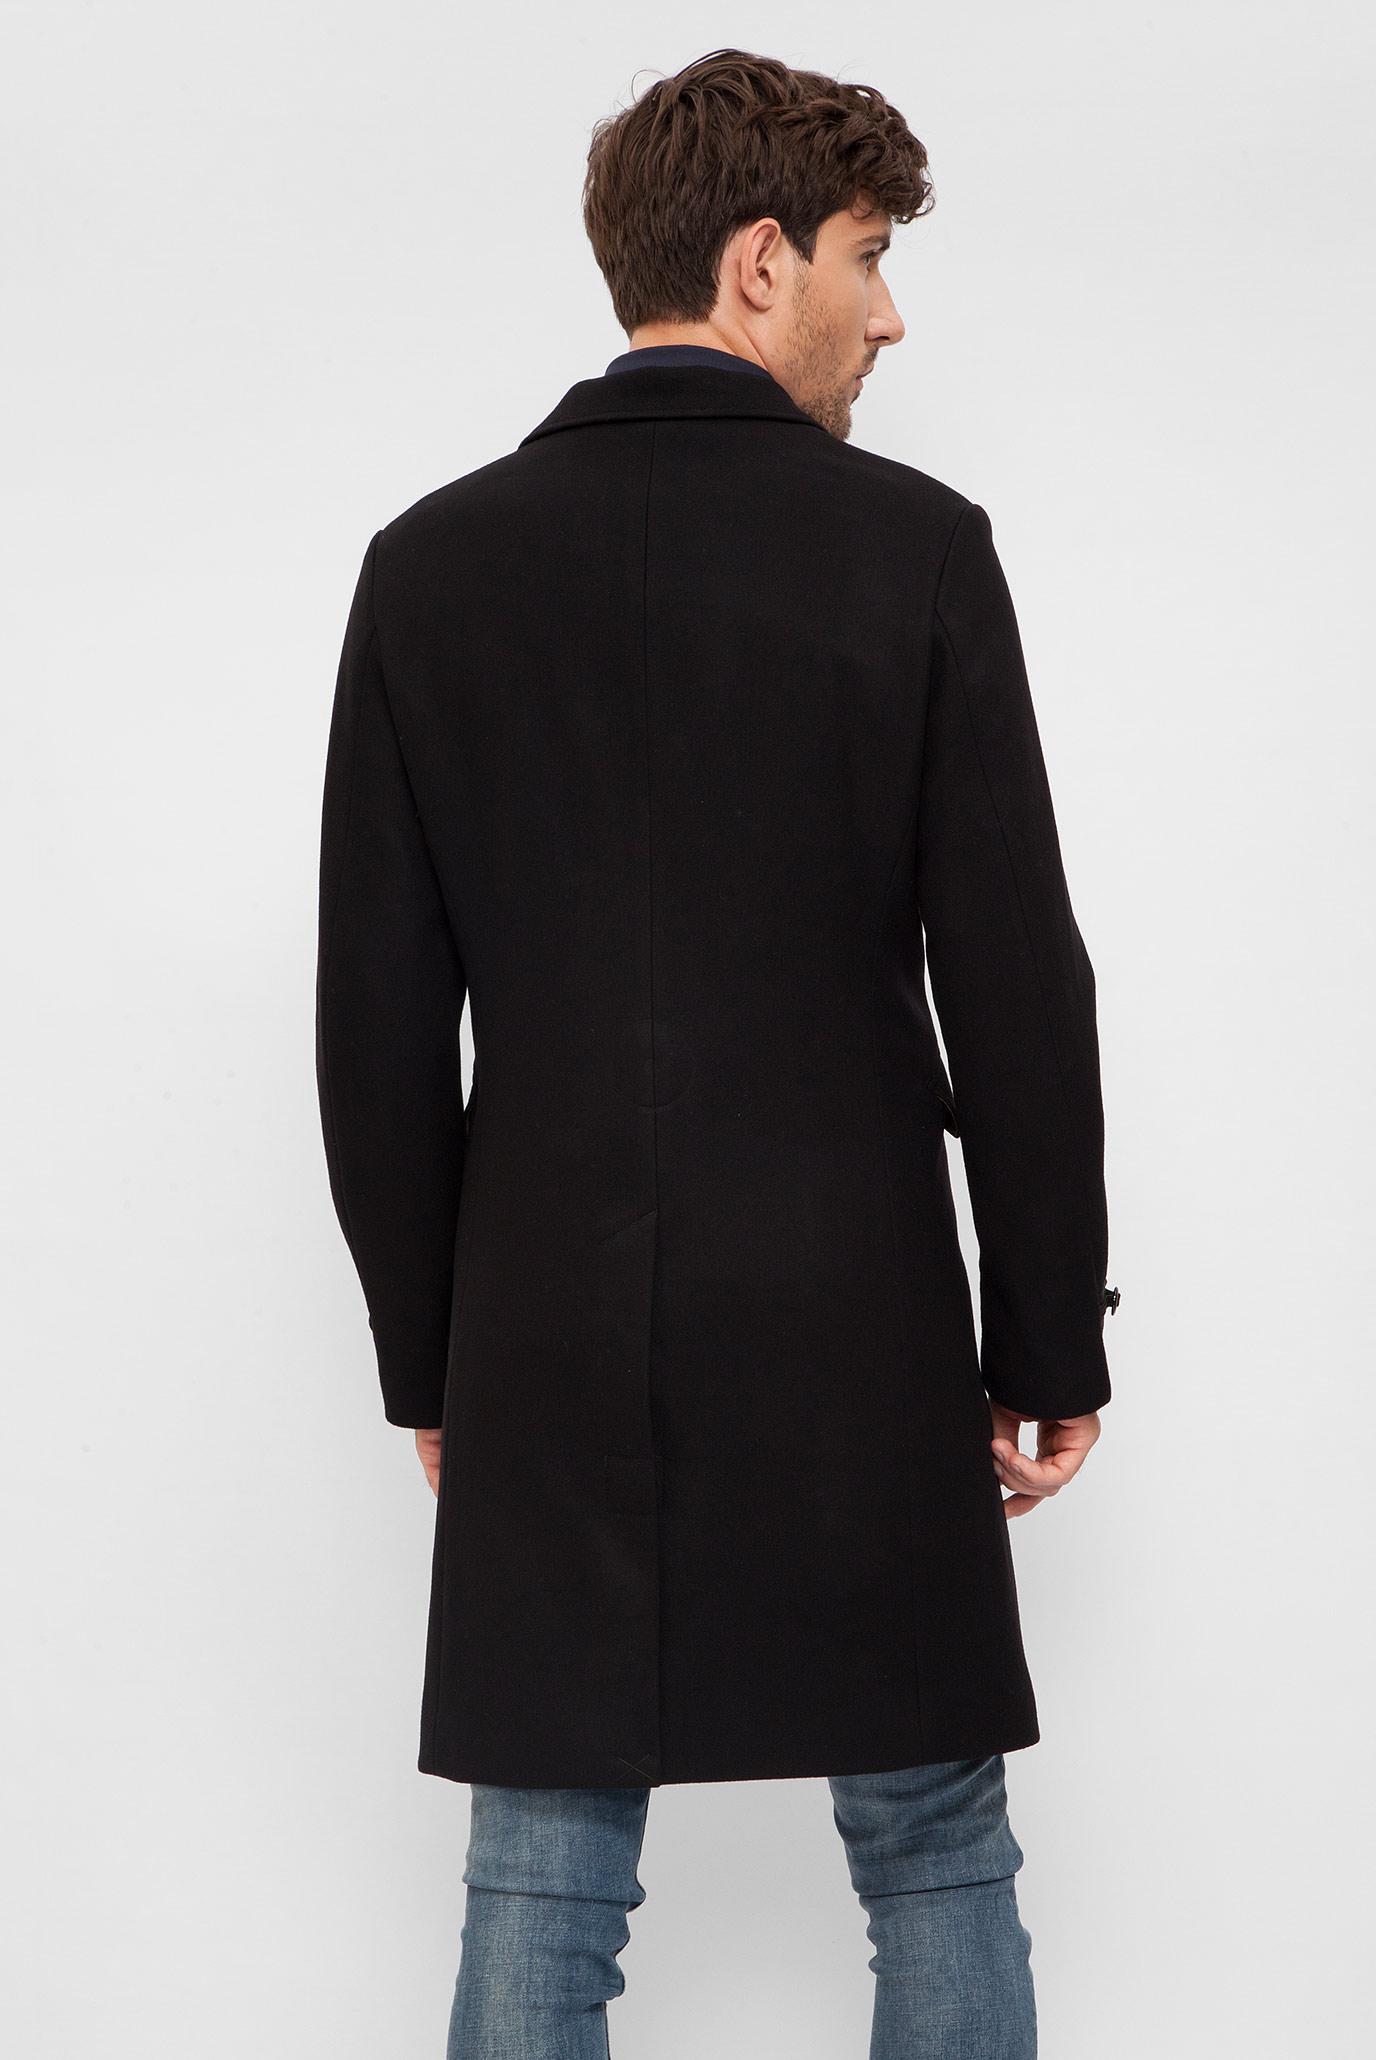 Купить Мужское черное пальто G-Star RAW G-Star RAW D03457,7275 – Киев, Украина. Цены в интернет магазине MD Fashion